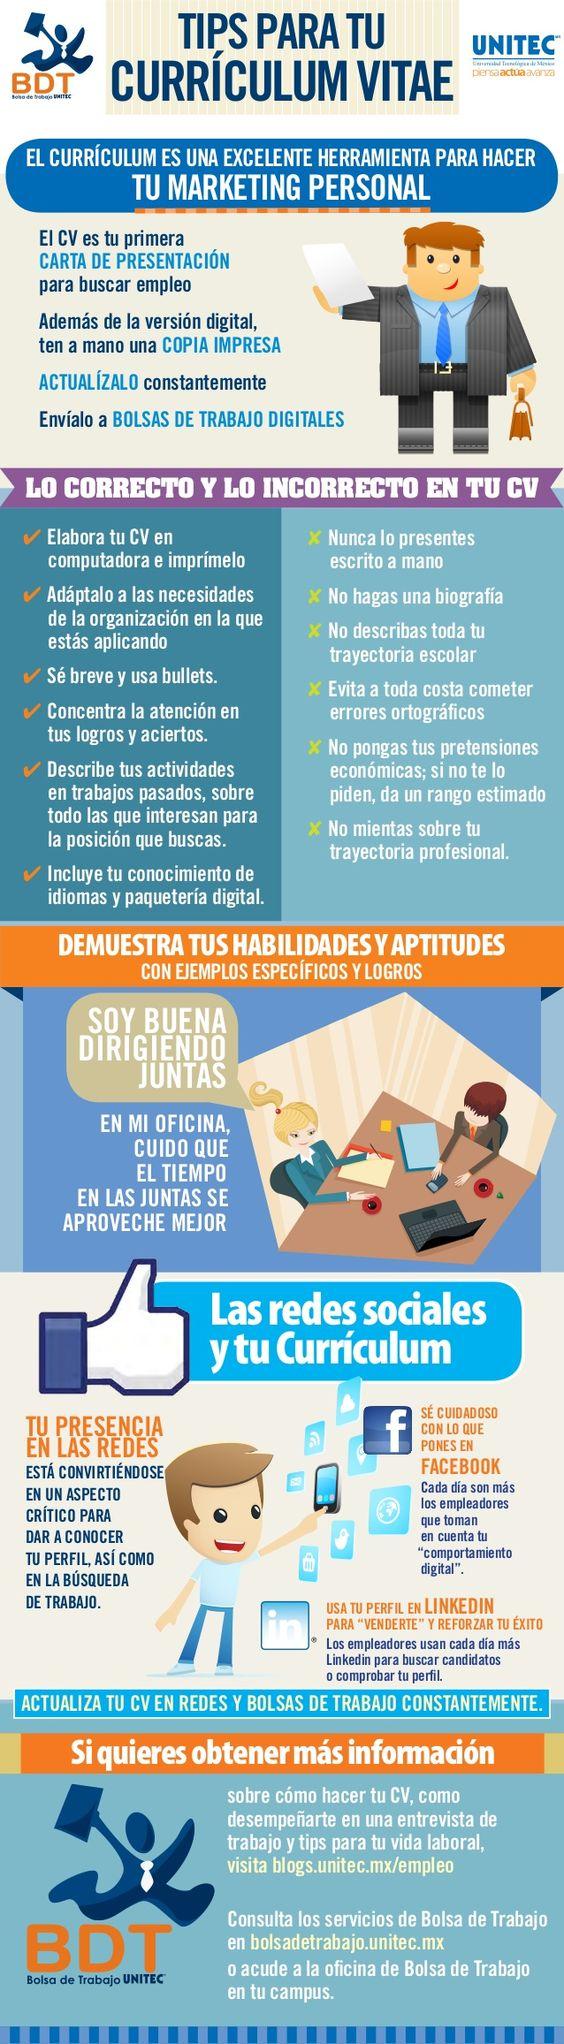 Consejos y tips para tu Currículum y tu marketing personal. #egresados #estudiantes #umayor